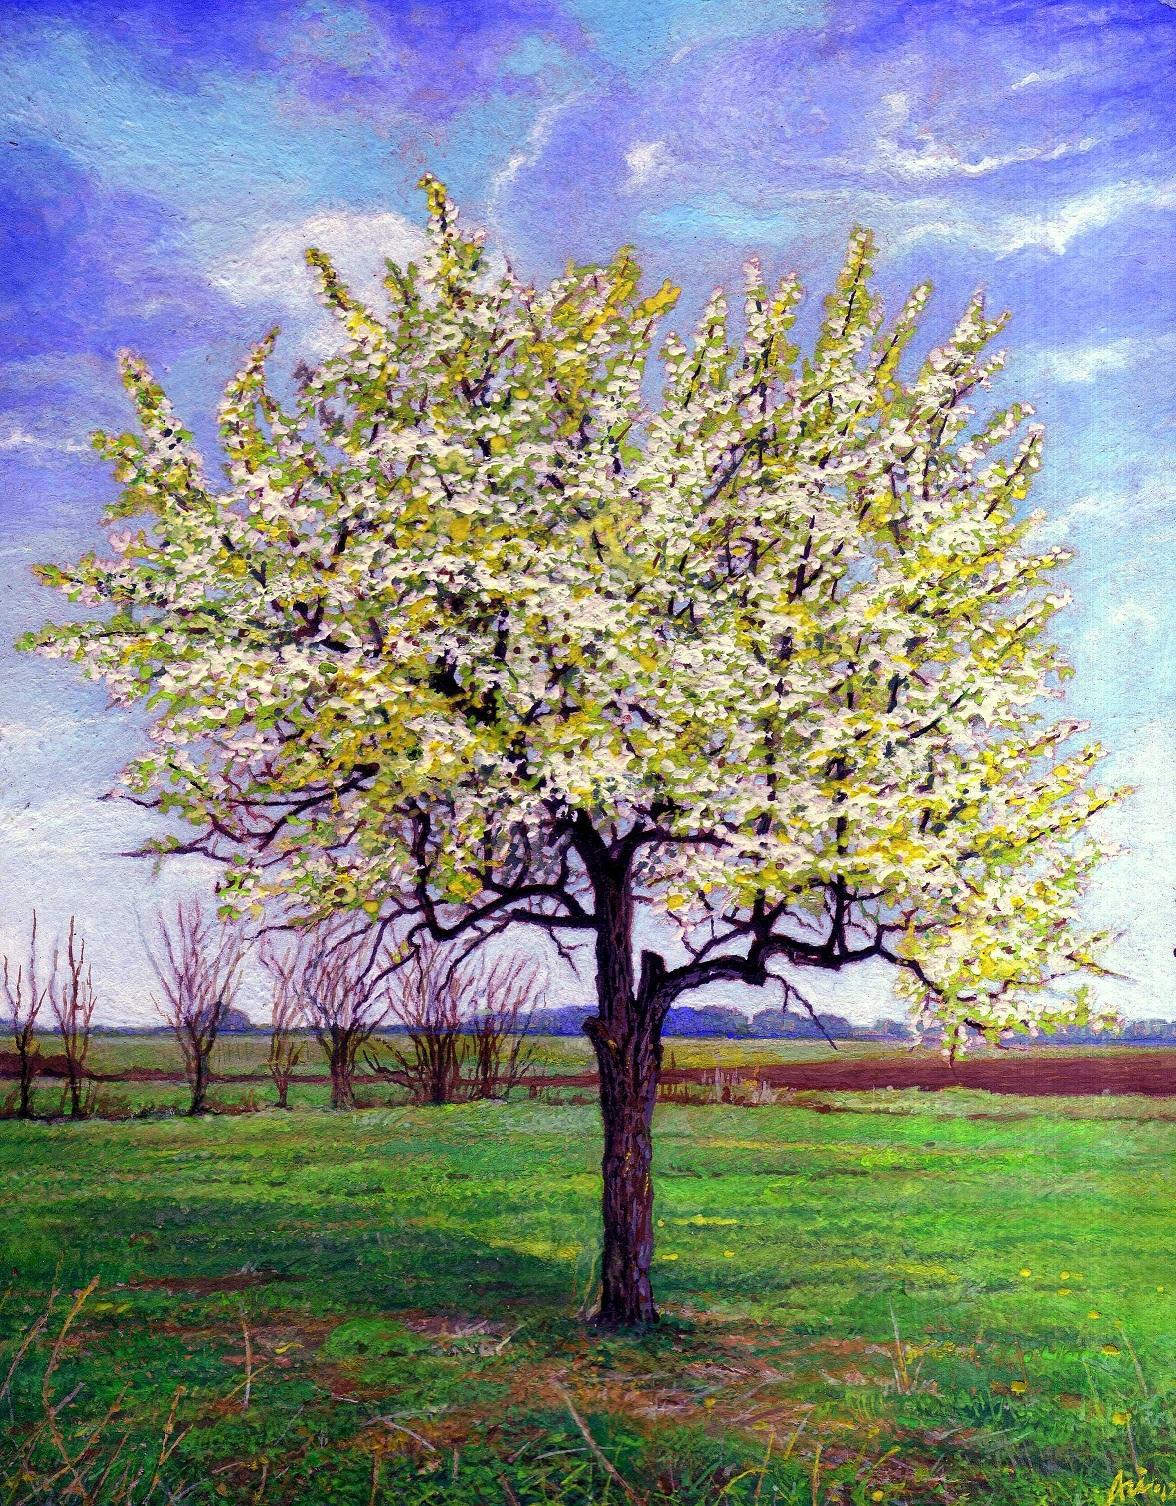 PEAR TREE IN APRIL I - Miniatura, MMXII - Tempera on carton - 3,94 X 3,15 in.jpg